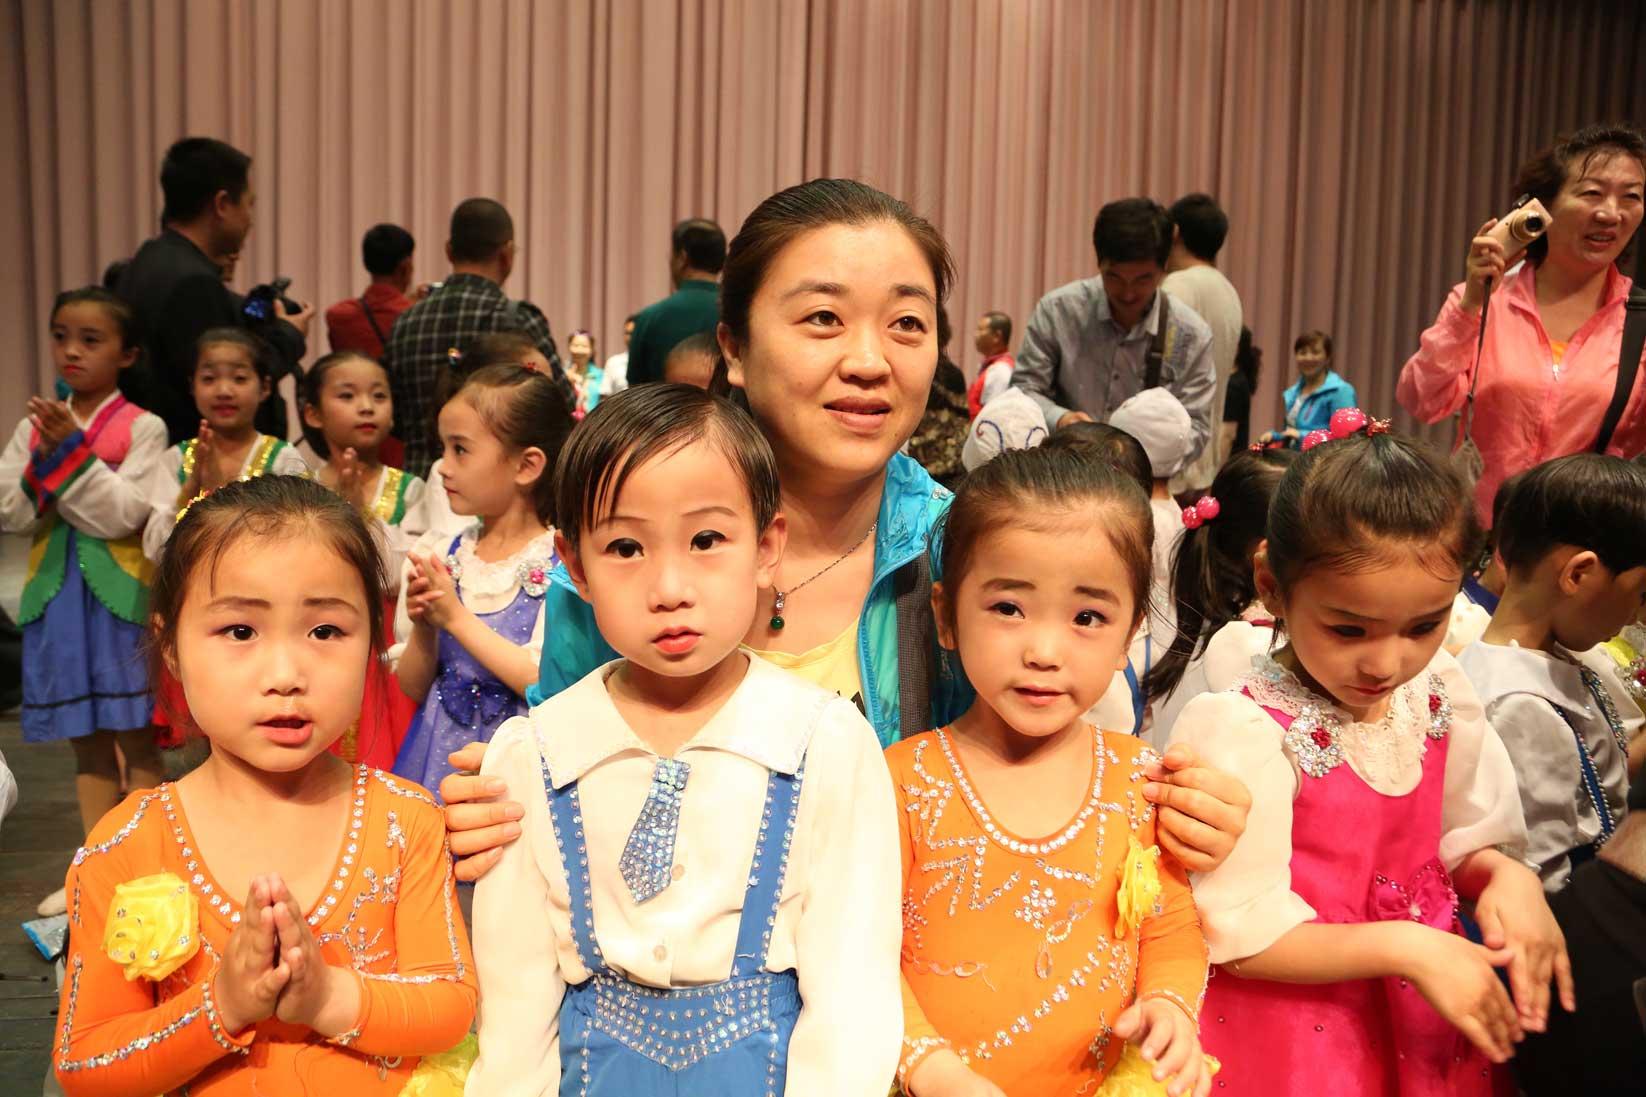 羅先(北朝鮮)で見かけた中国人観光客たち_b0235153_16415470.jpg